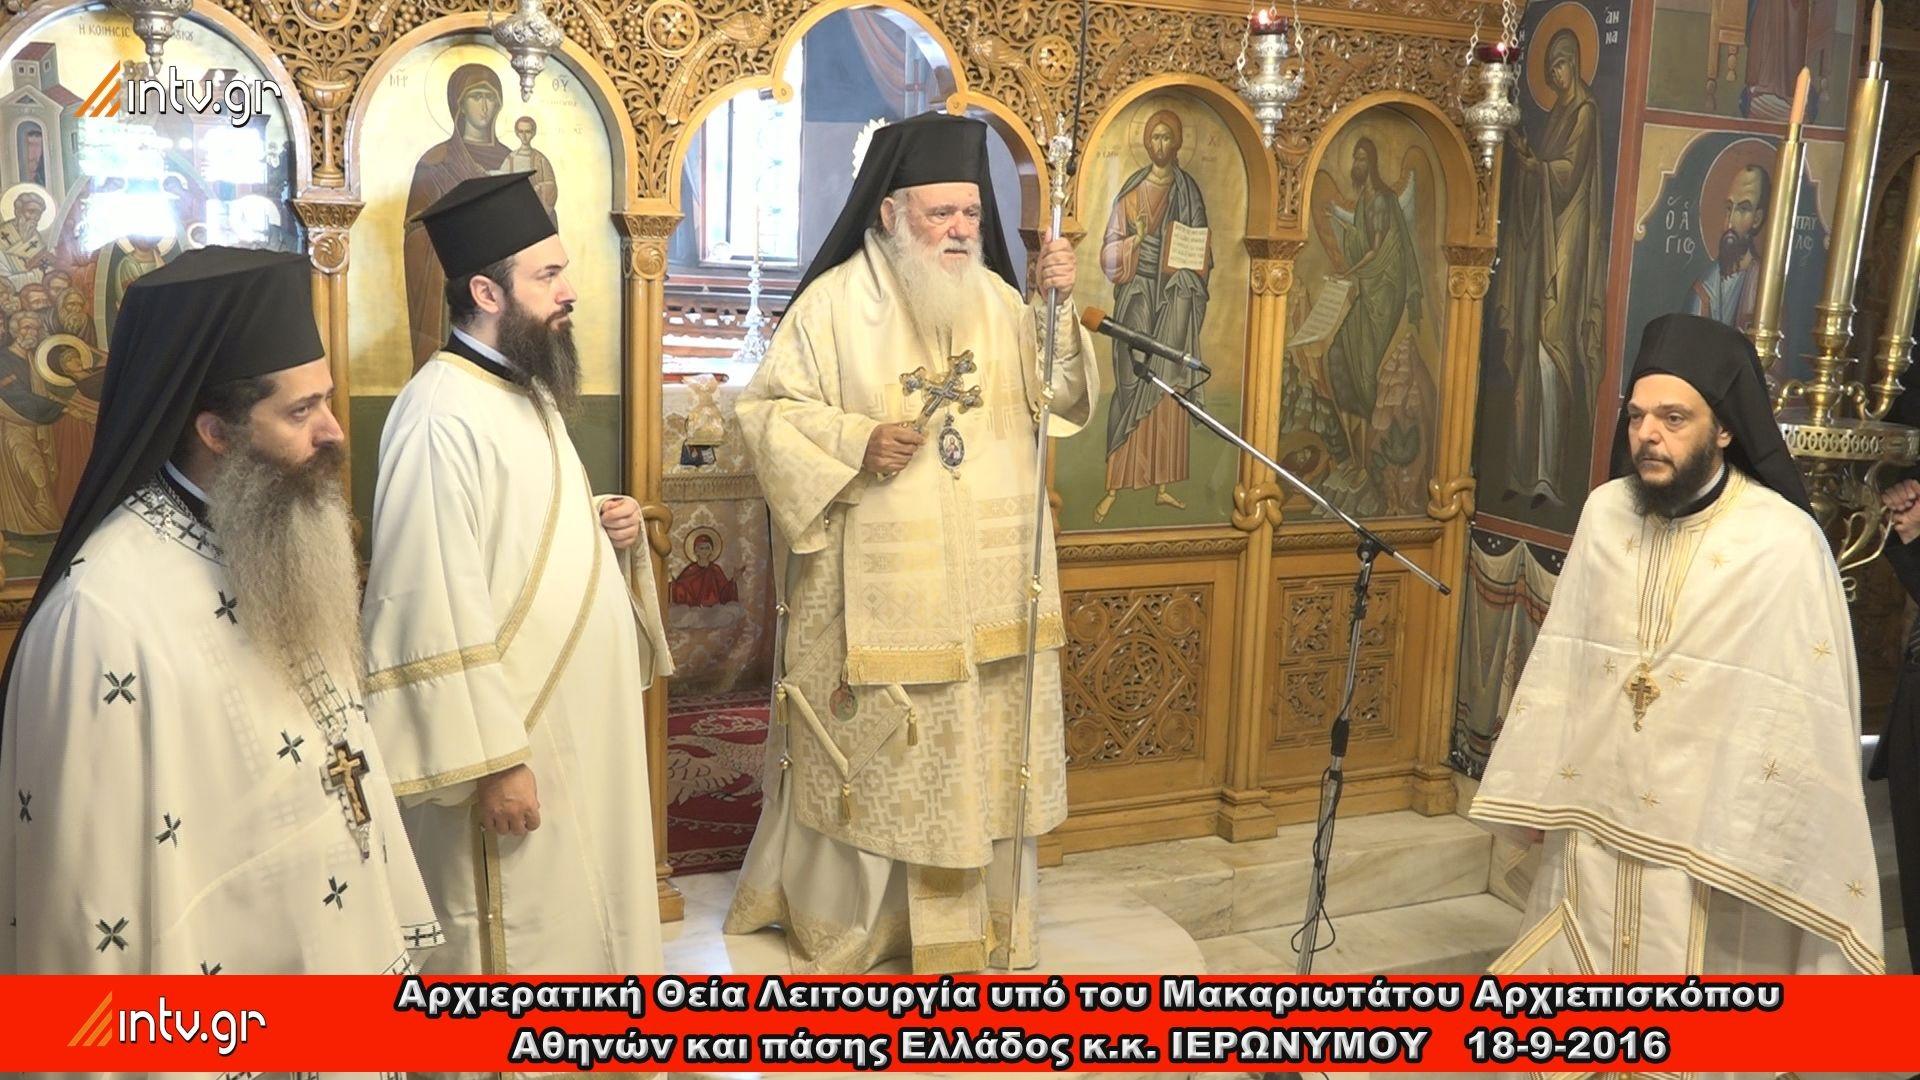 Αρχιερατική Θεία Λειτουργία υπό του Μακαριωτάτου Αρχιεπισκόπου Αθηνών και πάσης Ελλάδος κ.κ. ΙΕΡΩΝΥΜΟΥ